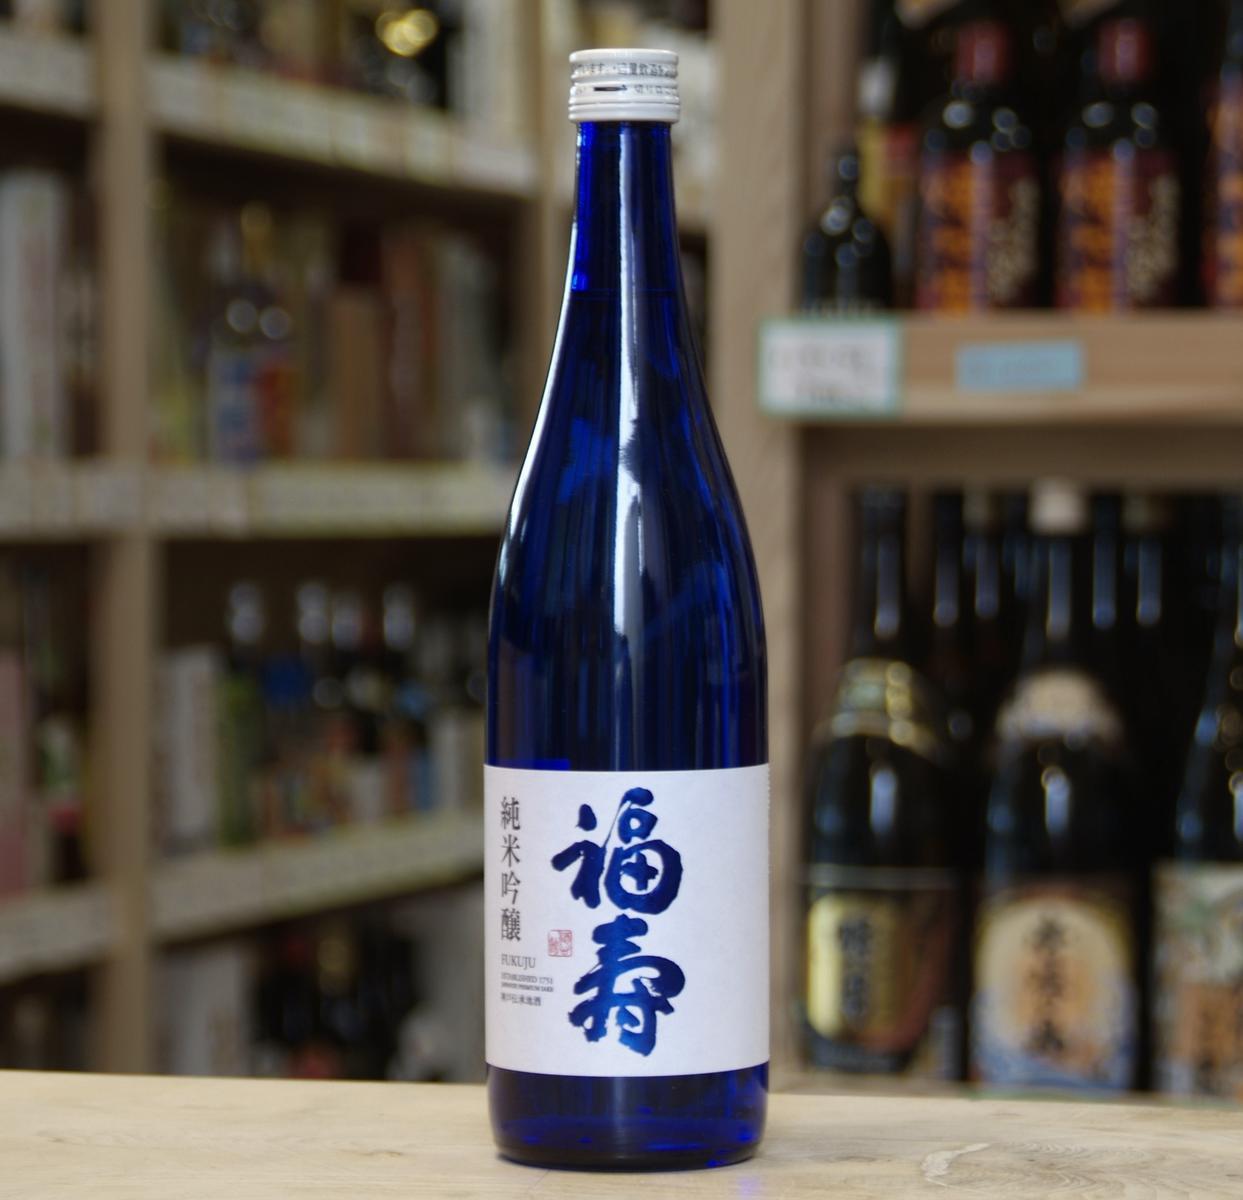 福寿 純米吟醸ブルーボトル 720ml 【神戸/灘 銘酒・地酒】